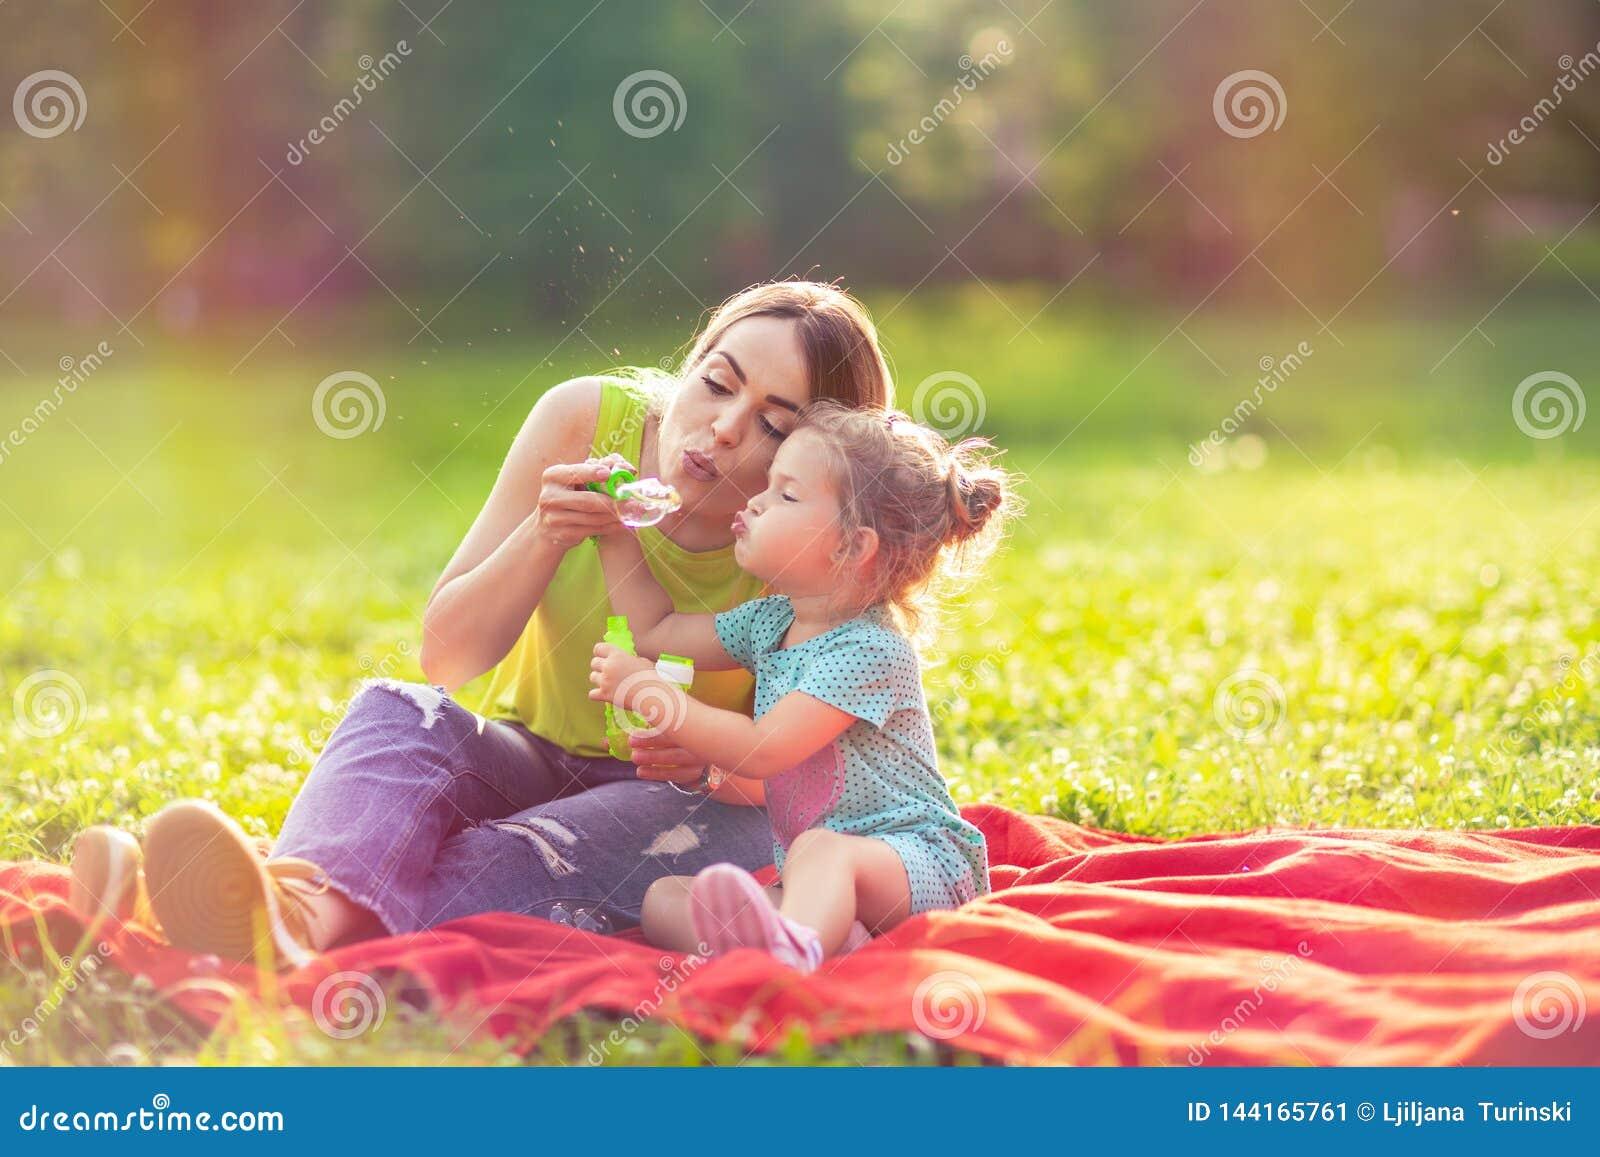 Η μητέρα και η κόρη στον αφρό σούπας χτυπημάτων πάρκων και κάνουν τις φυσαλίδες